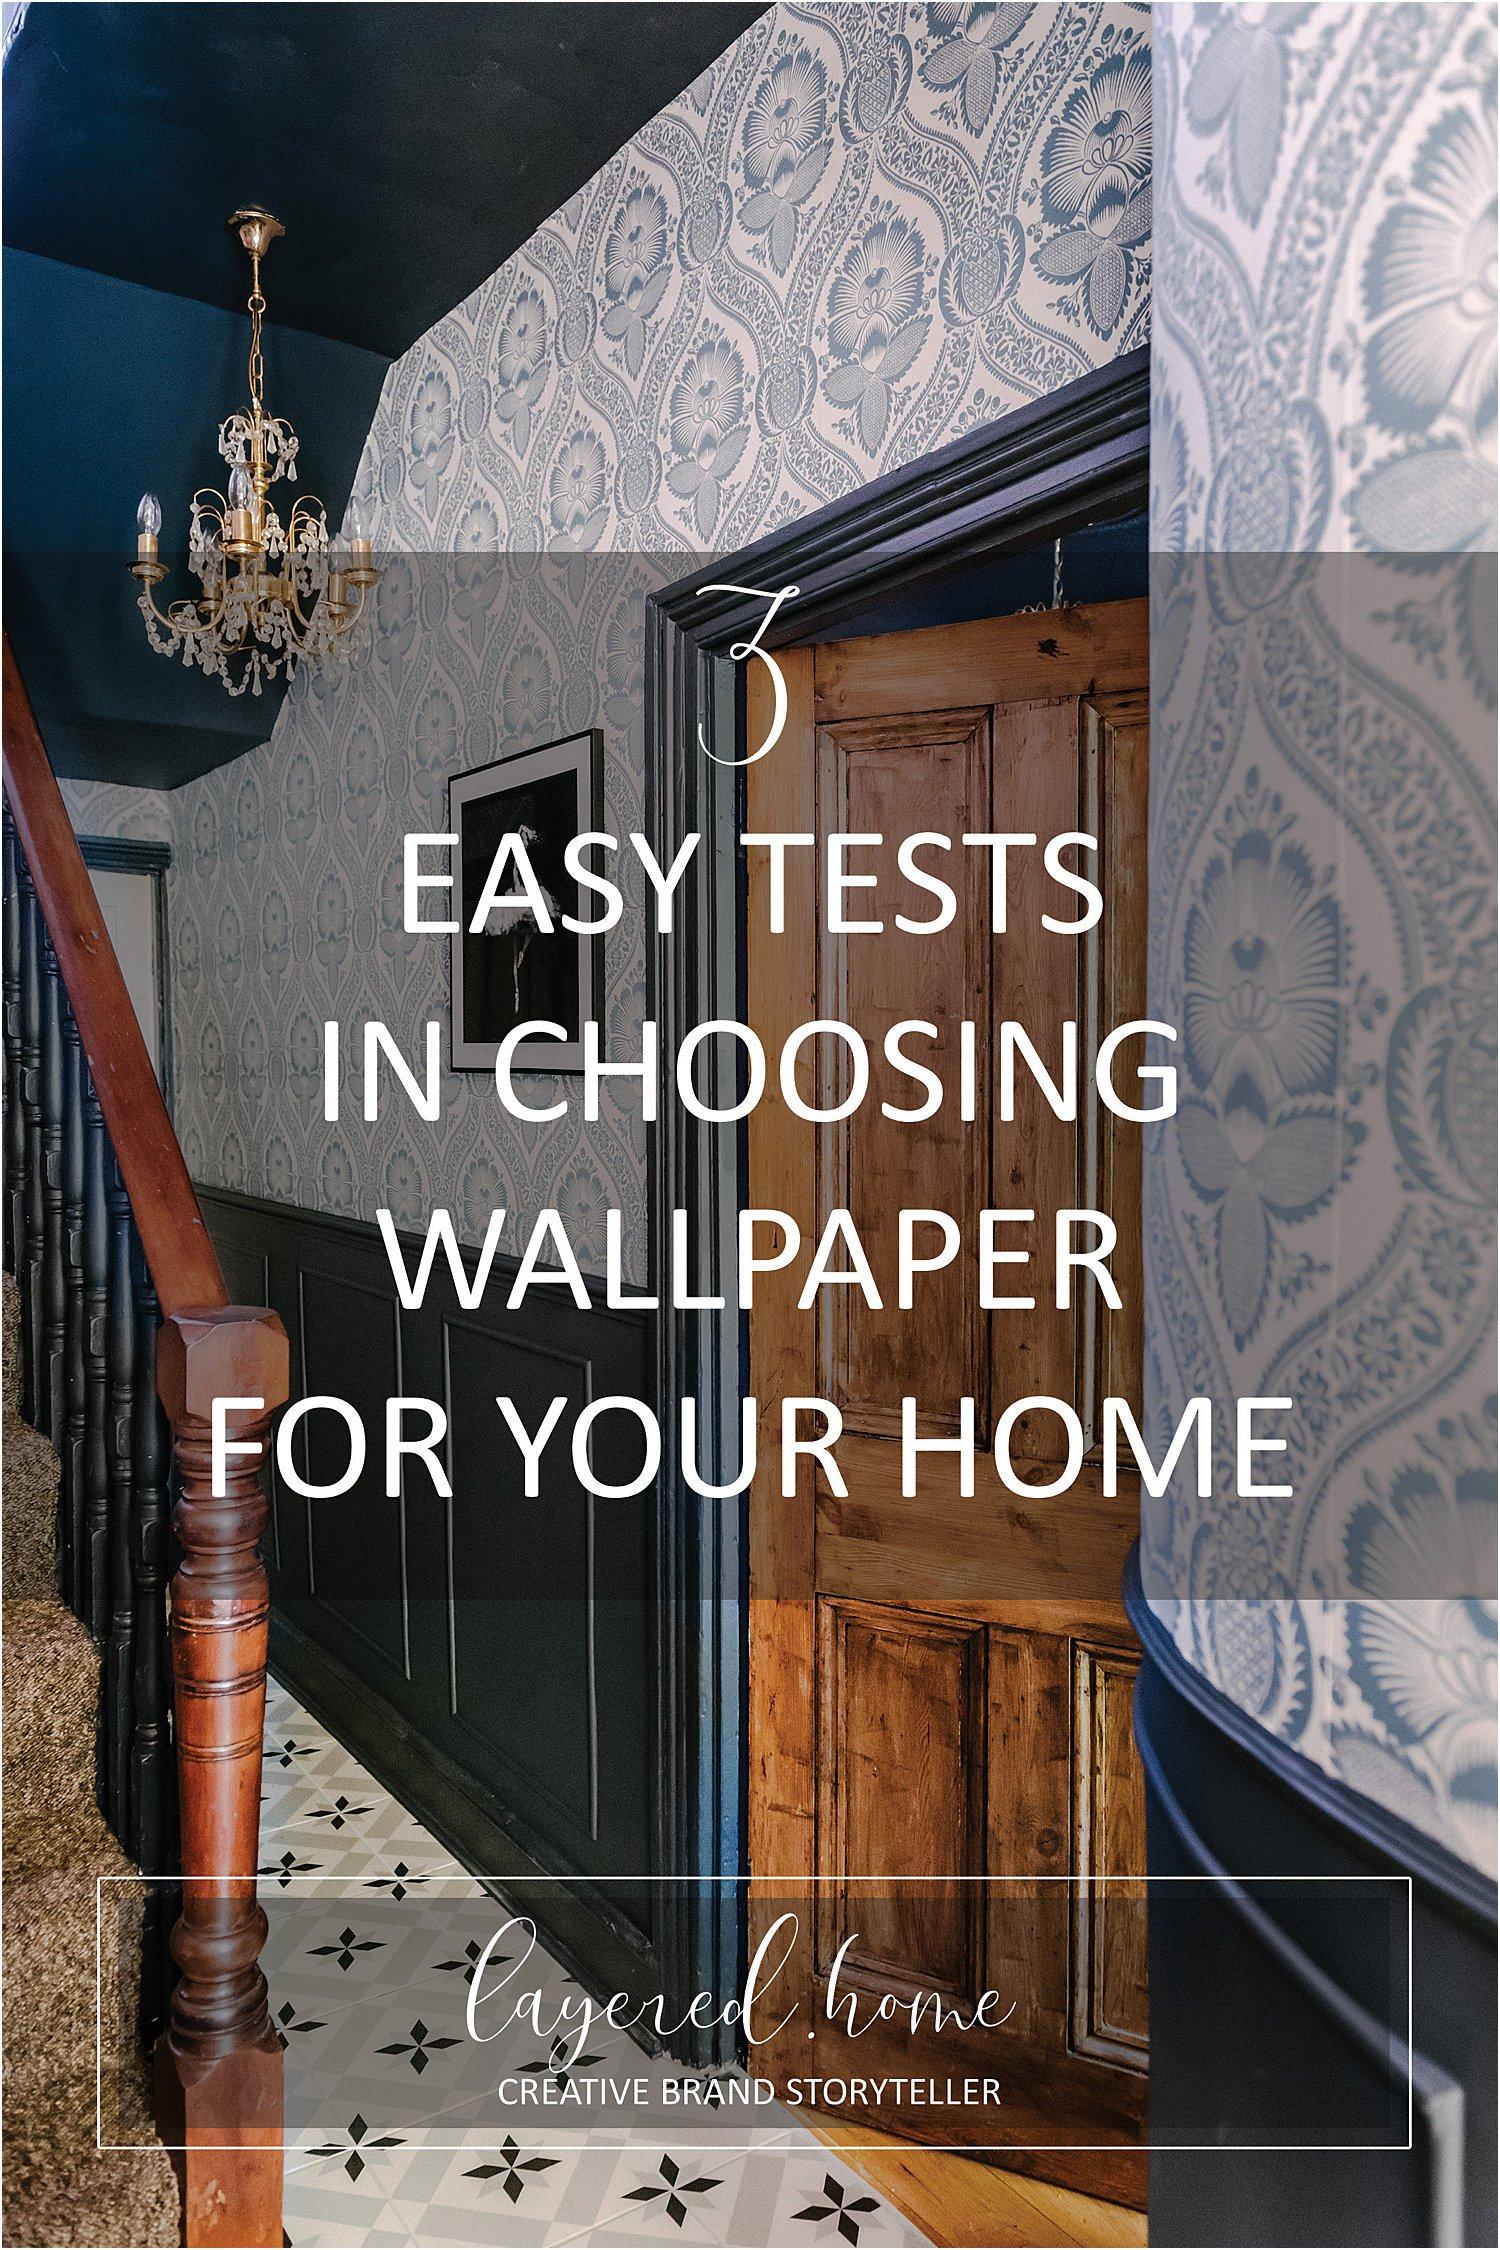 3-easy-tests-in-choosing-wallpaper